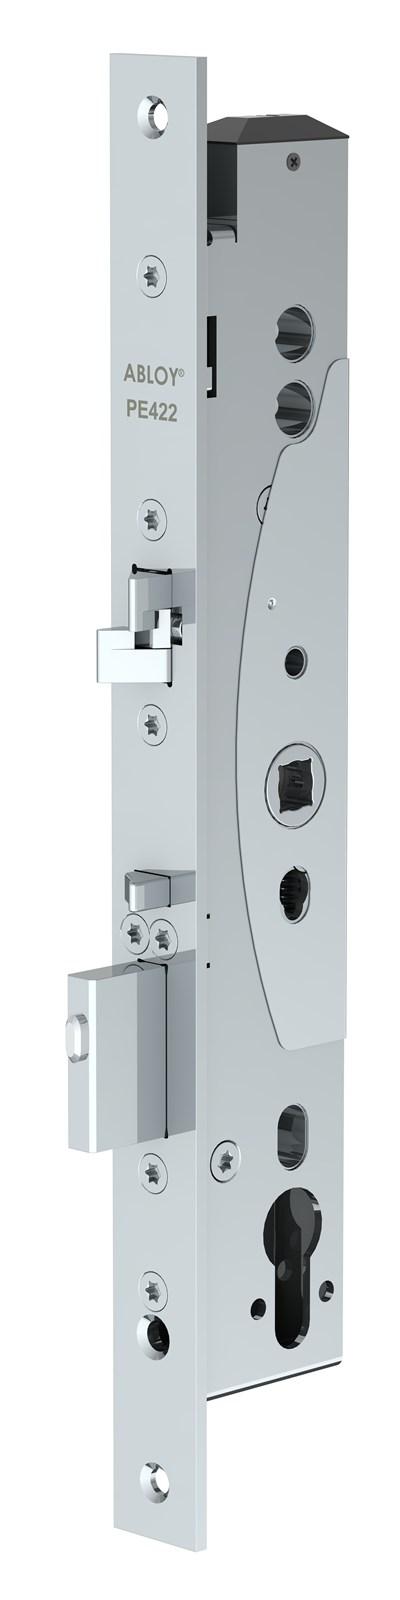 Lock case PE422